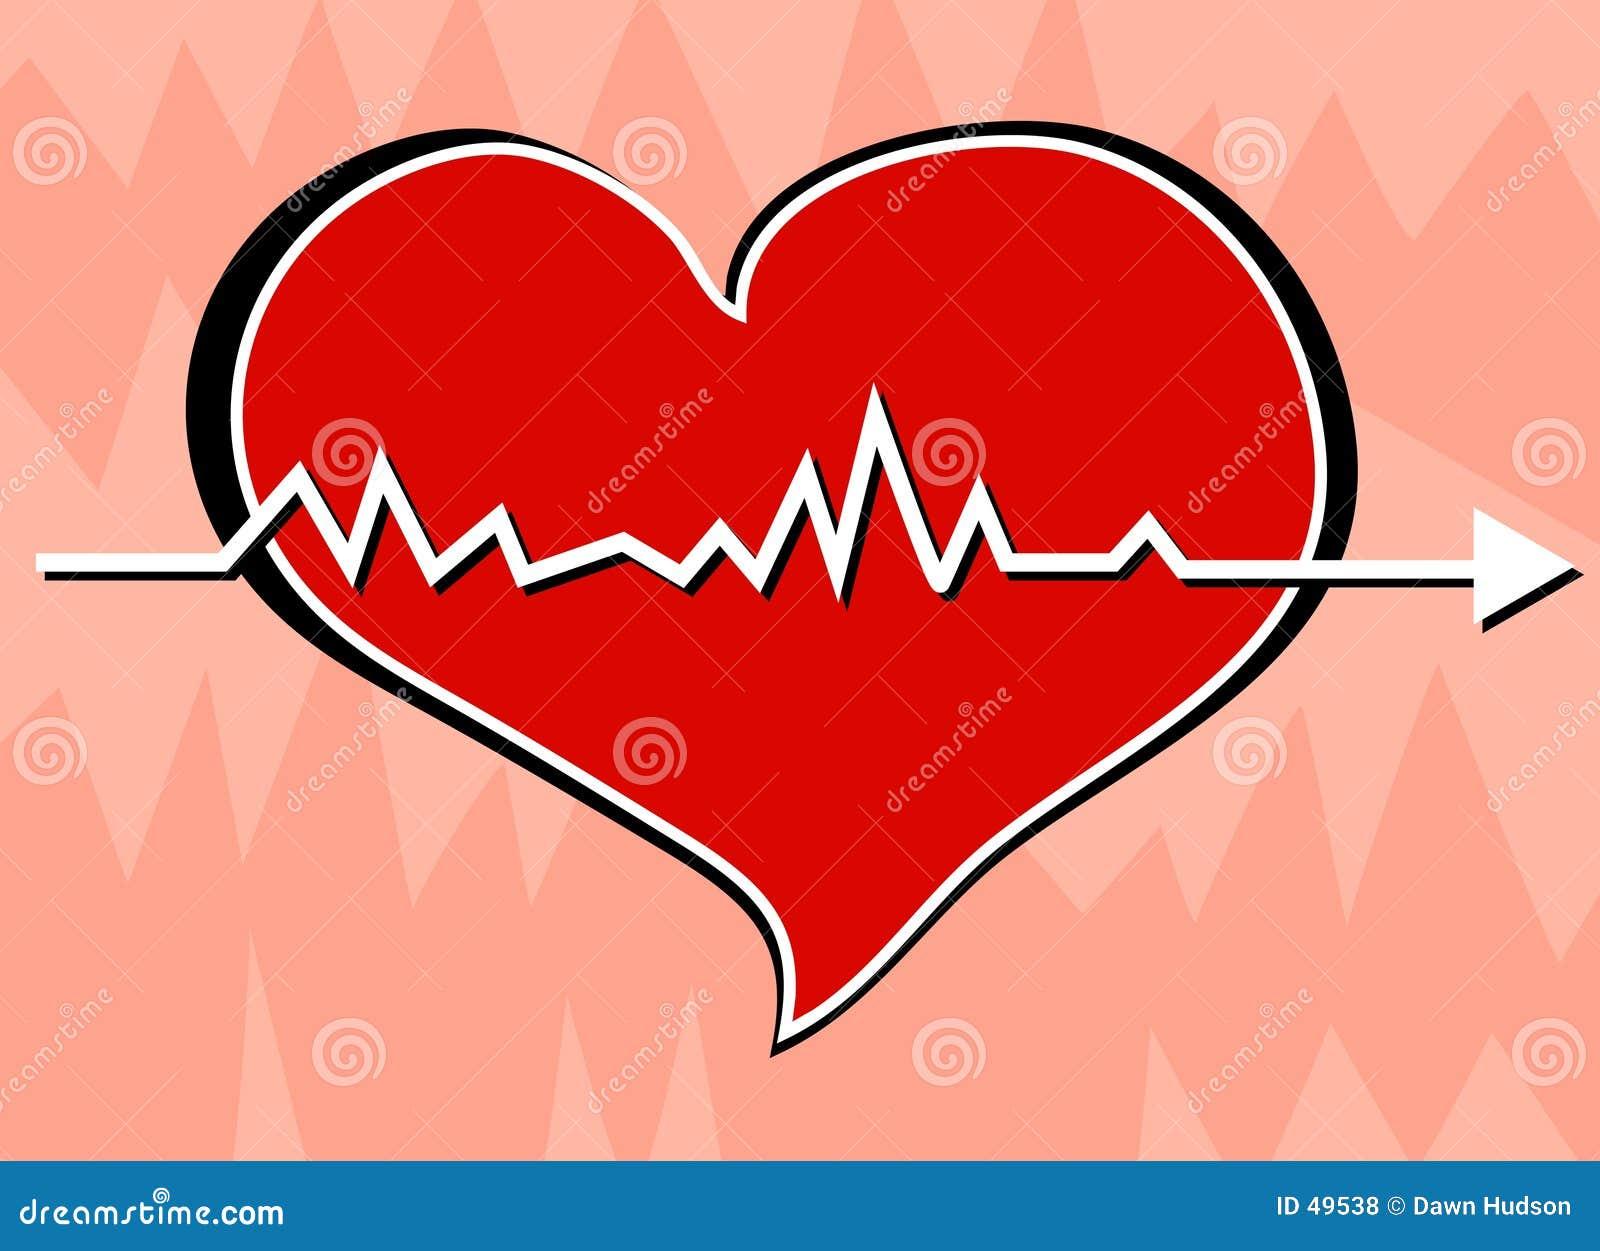 Pulsação do coração